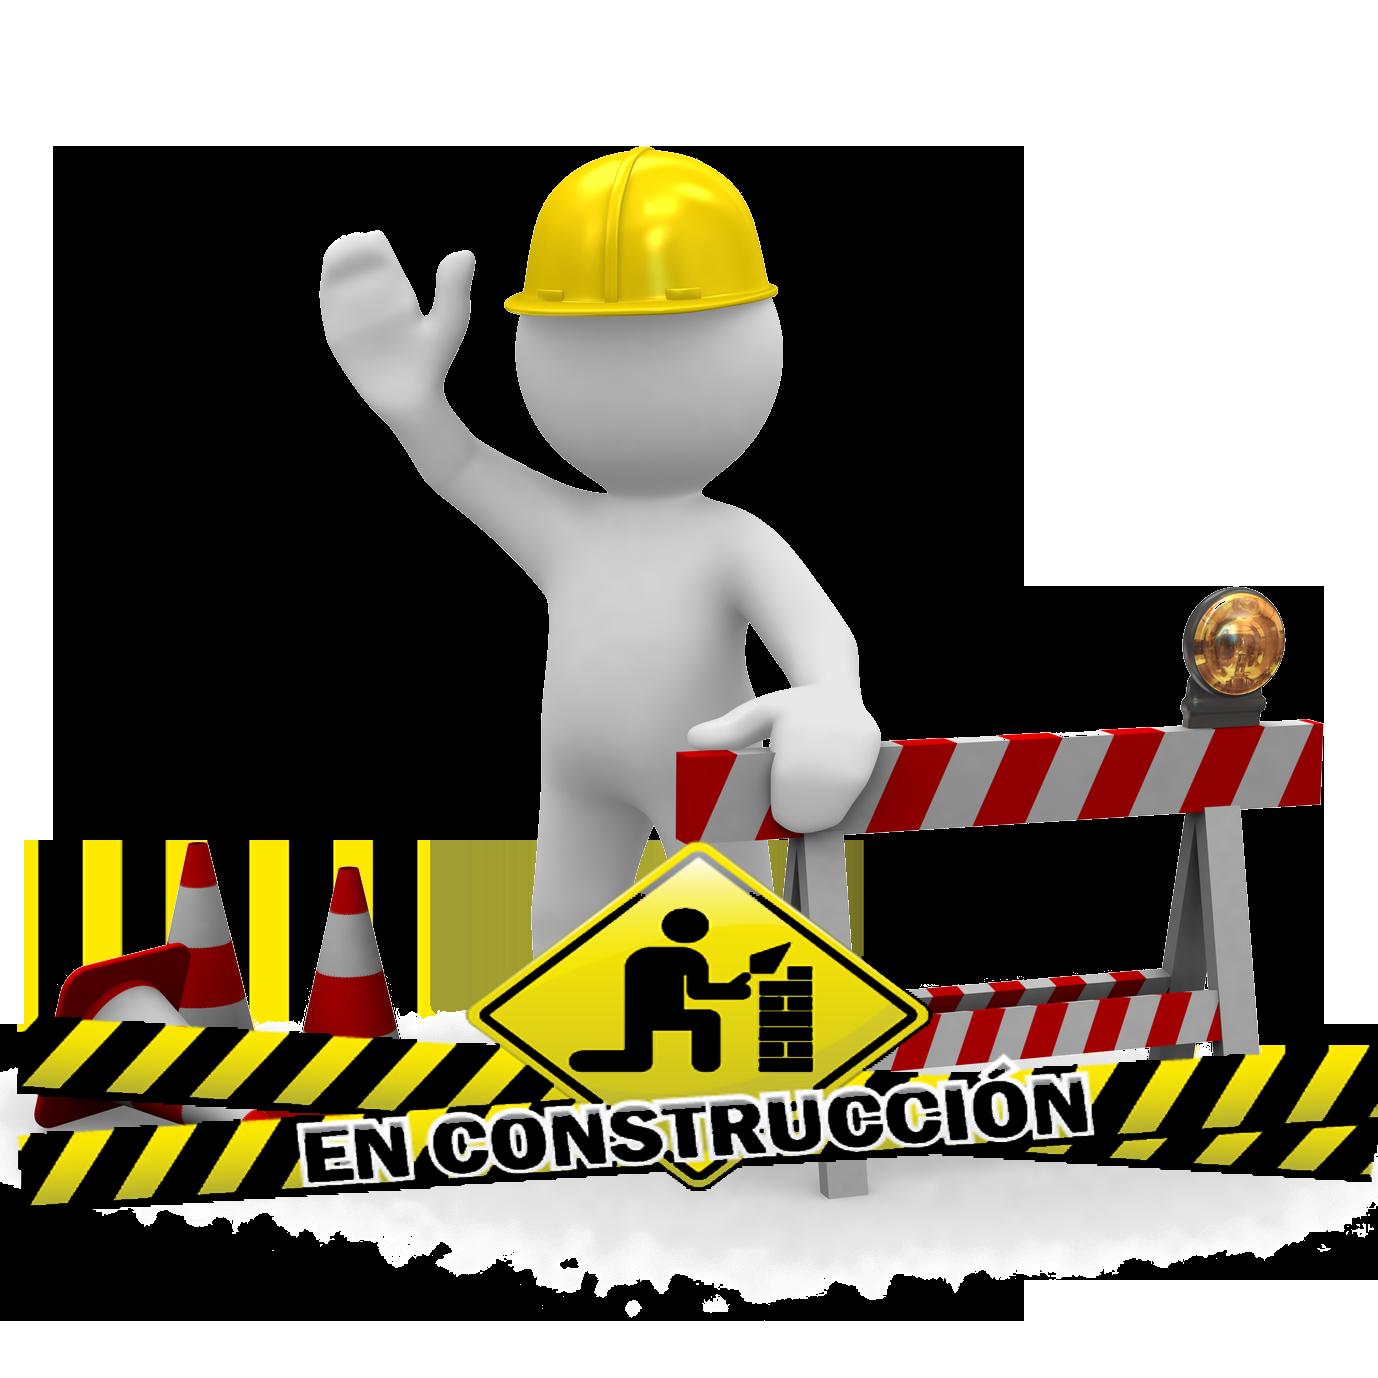 Sitio en construccion png 6 » PNG Image.